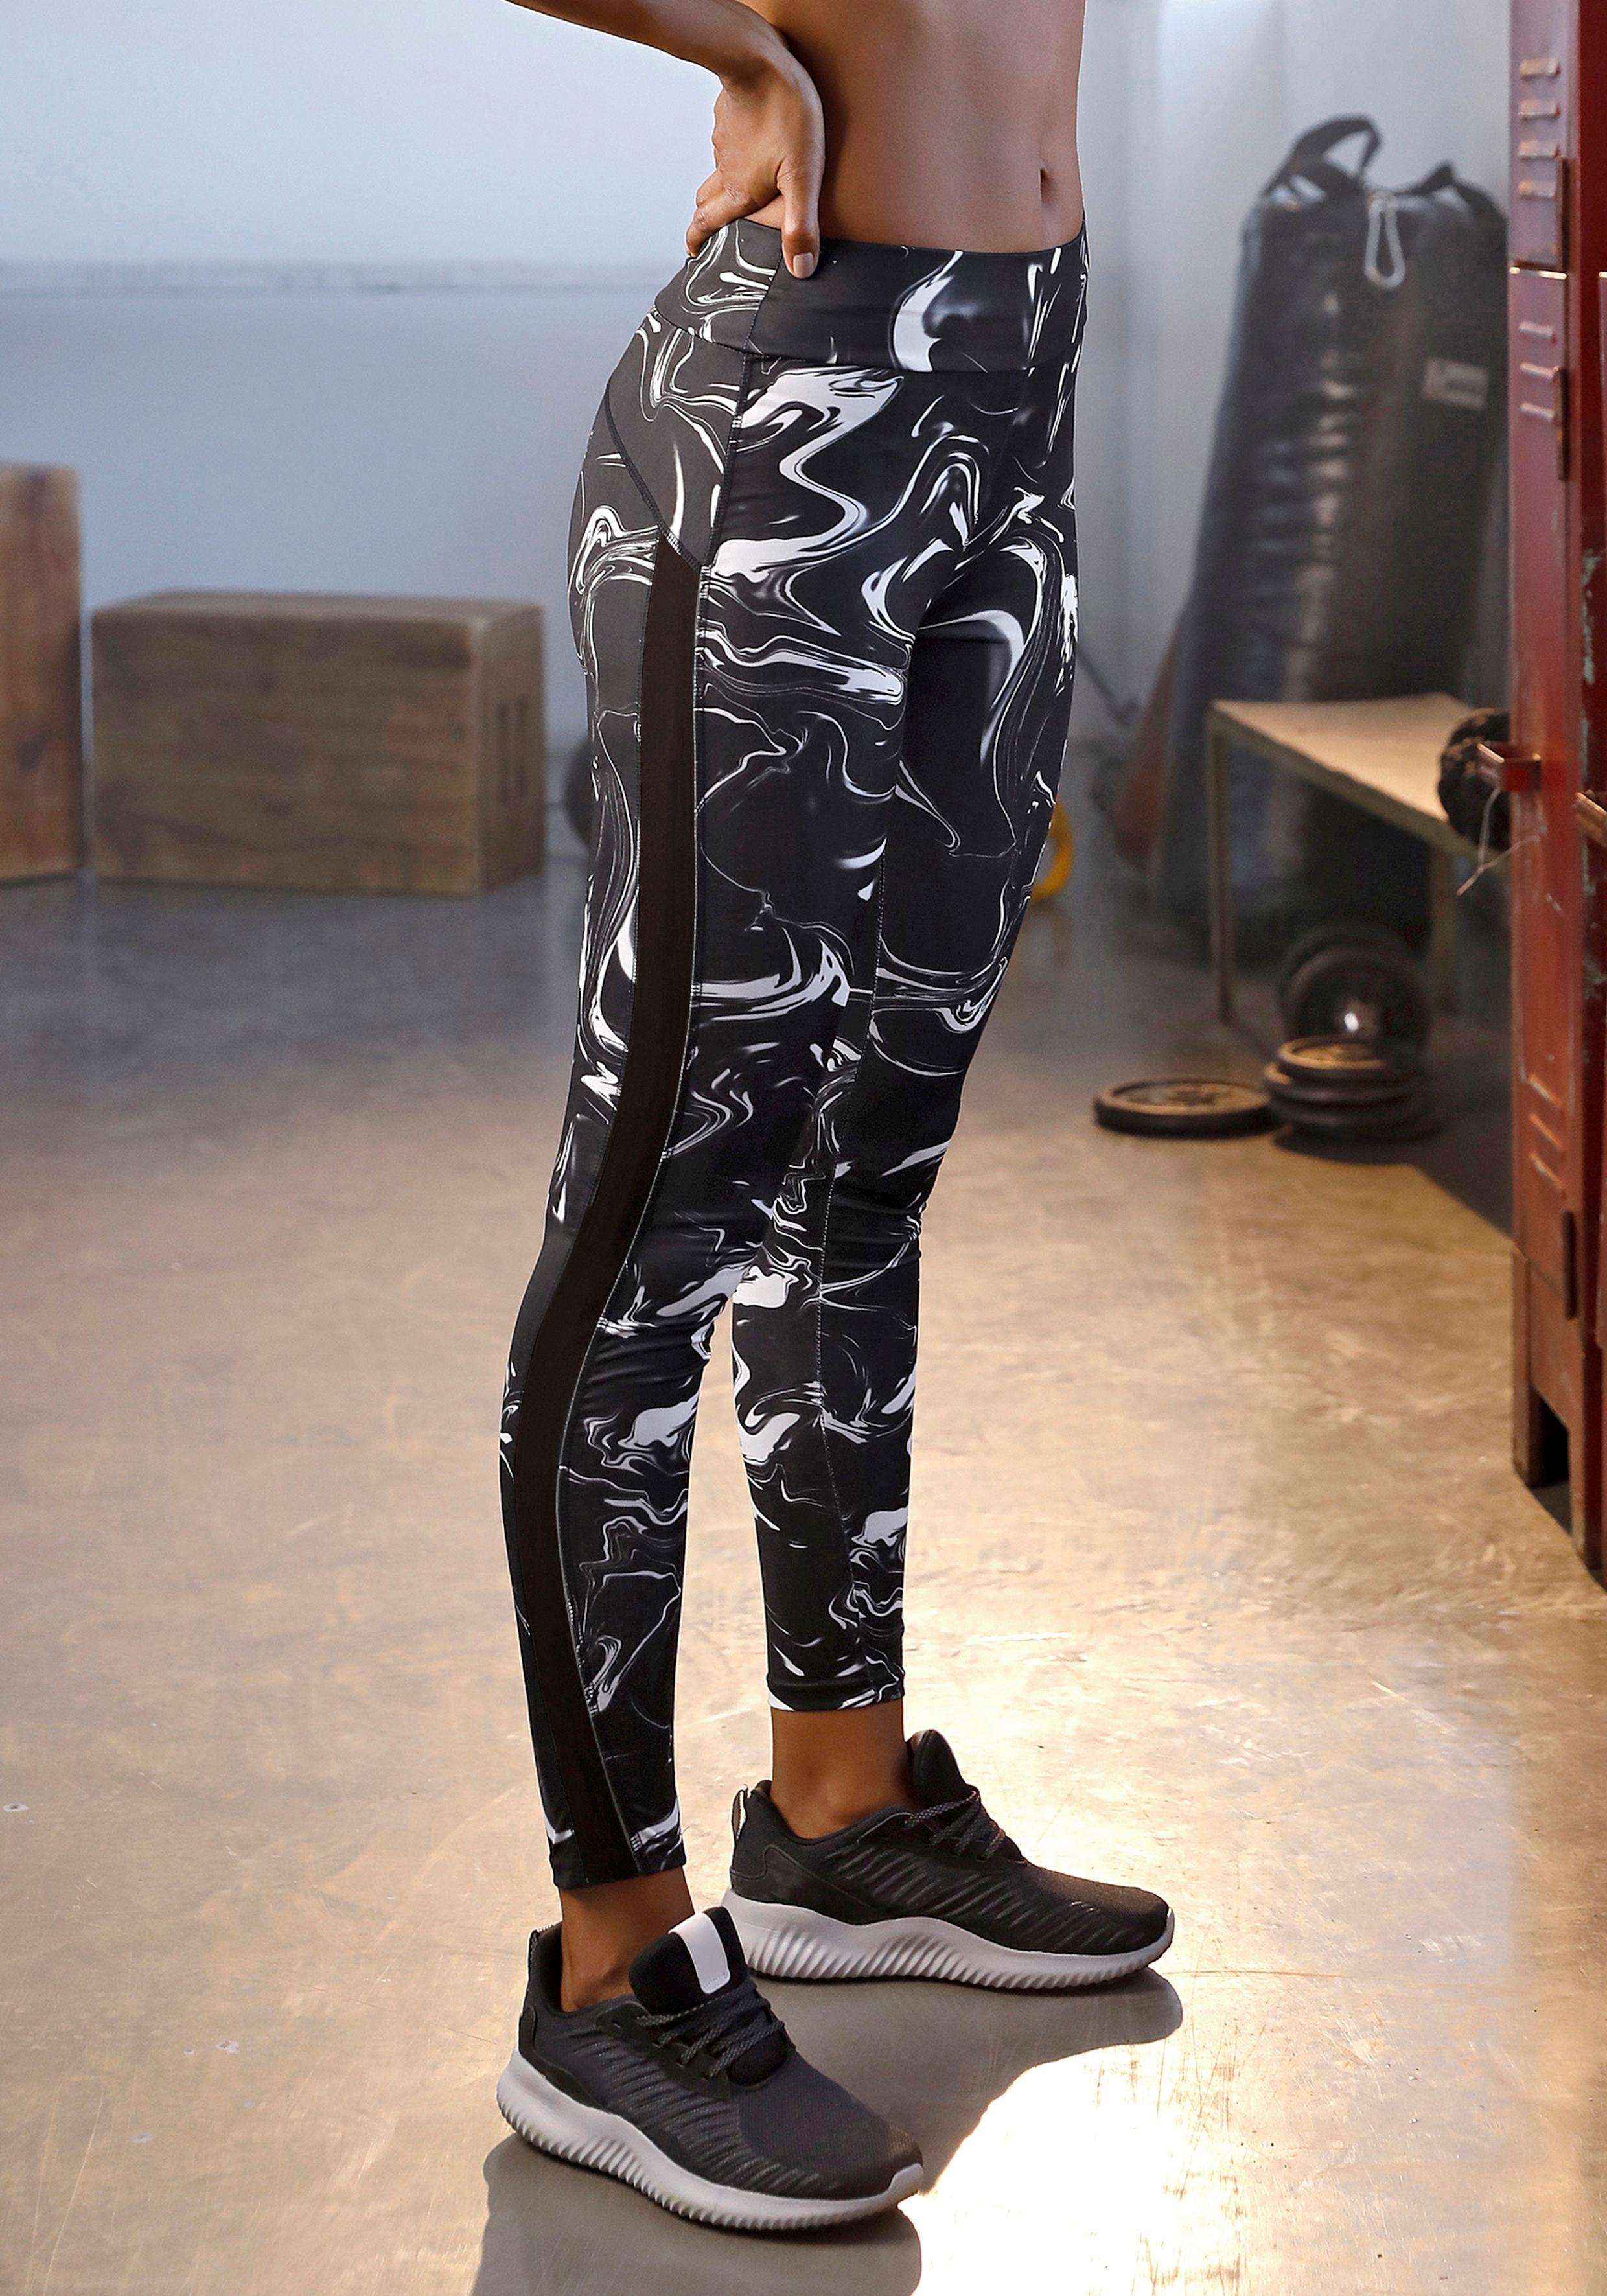 Lascana Active active by LASCANA legging met mesh-inzetten in streep-look - gratis ruilen op lascana.nl